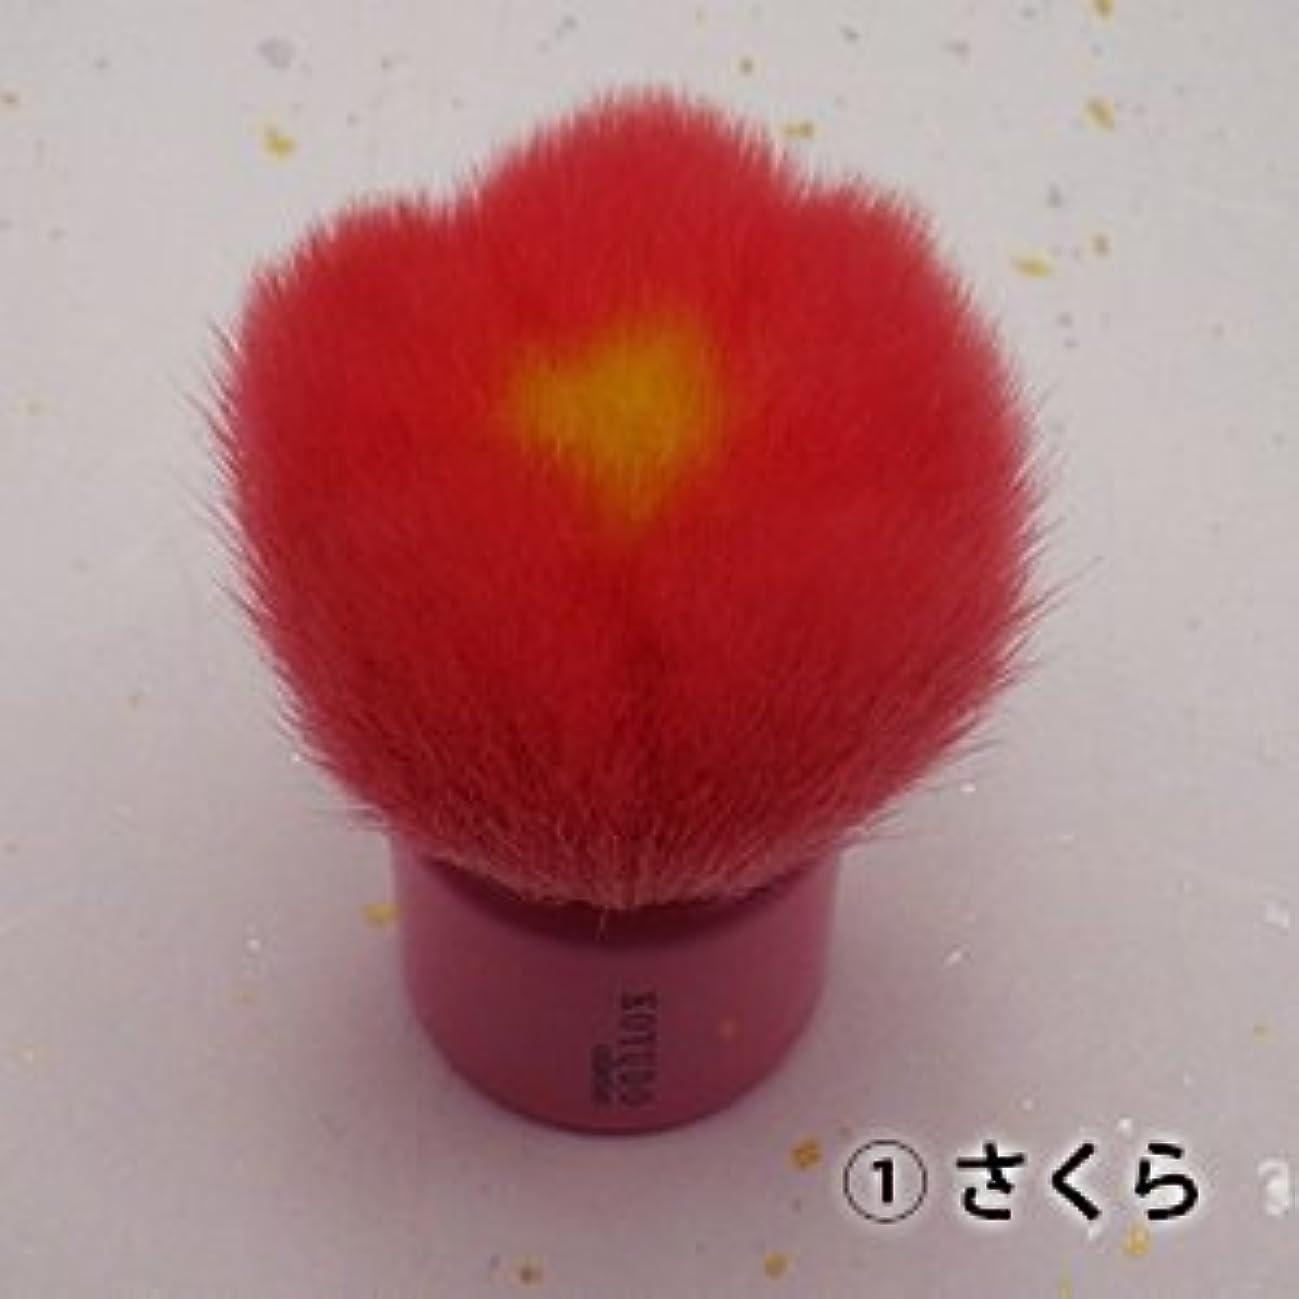 アンケート土器または広島県 熊野筆 フラワー洗顔ブラシ さくら 専用ブラシスタンド付 (W1-F SAKURA)